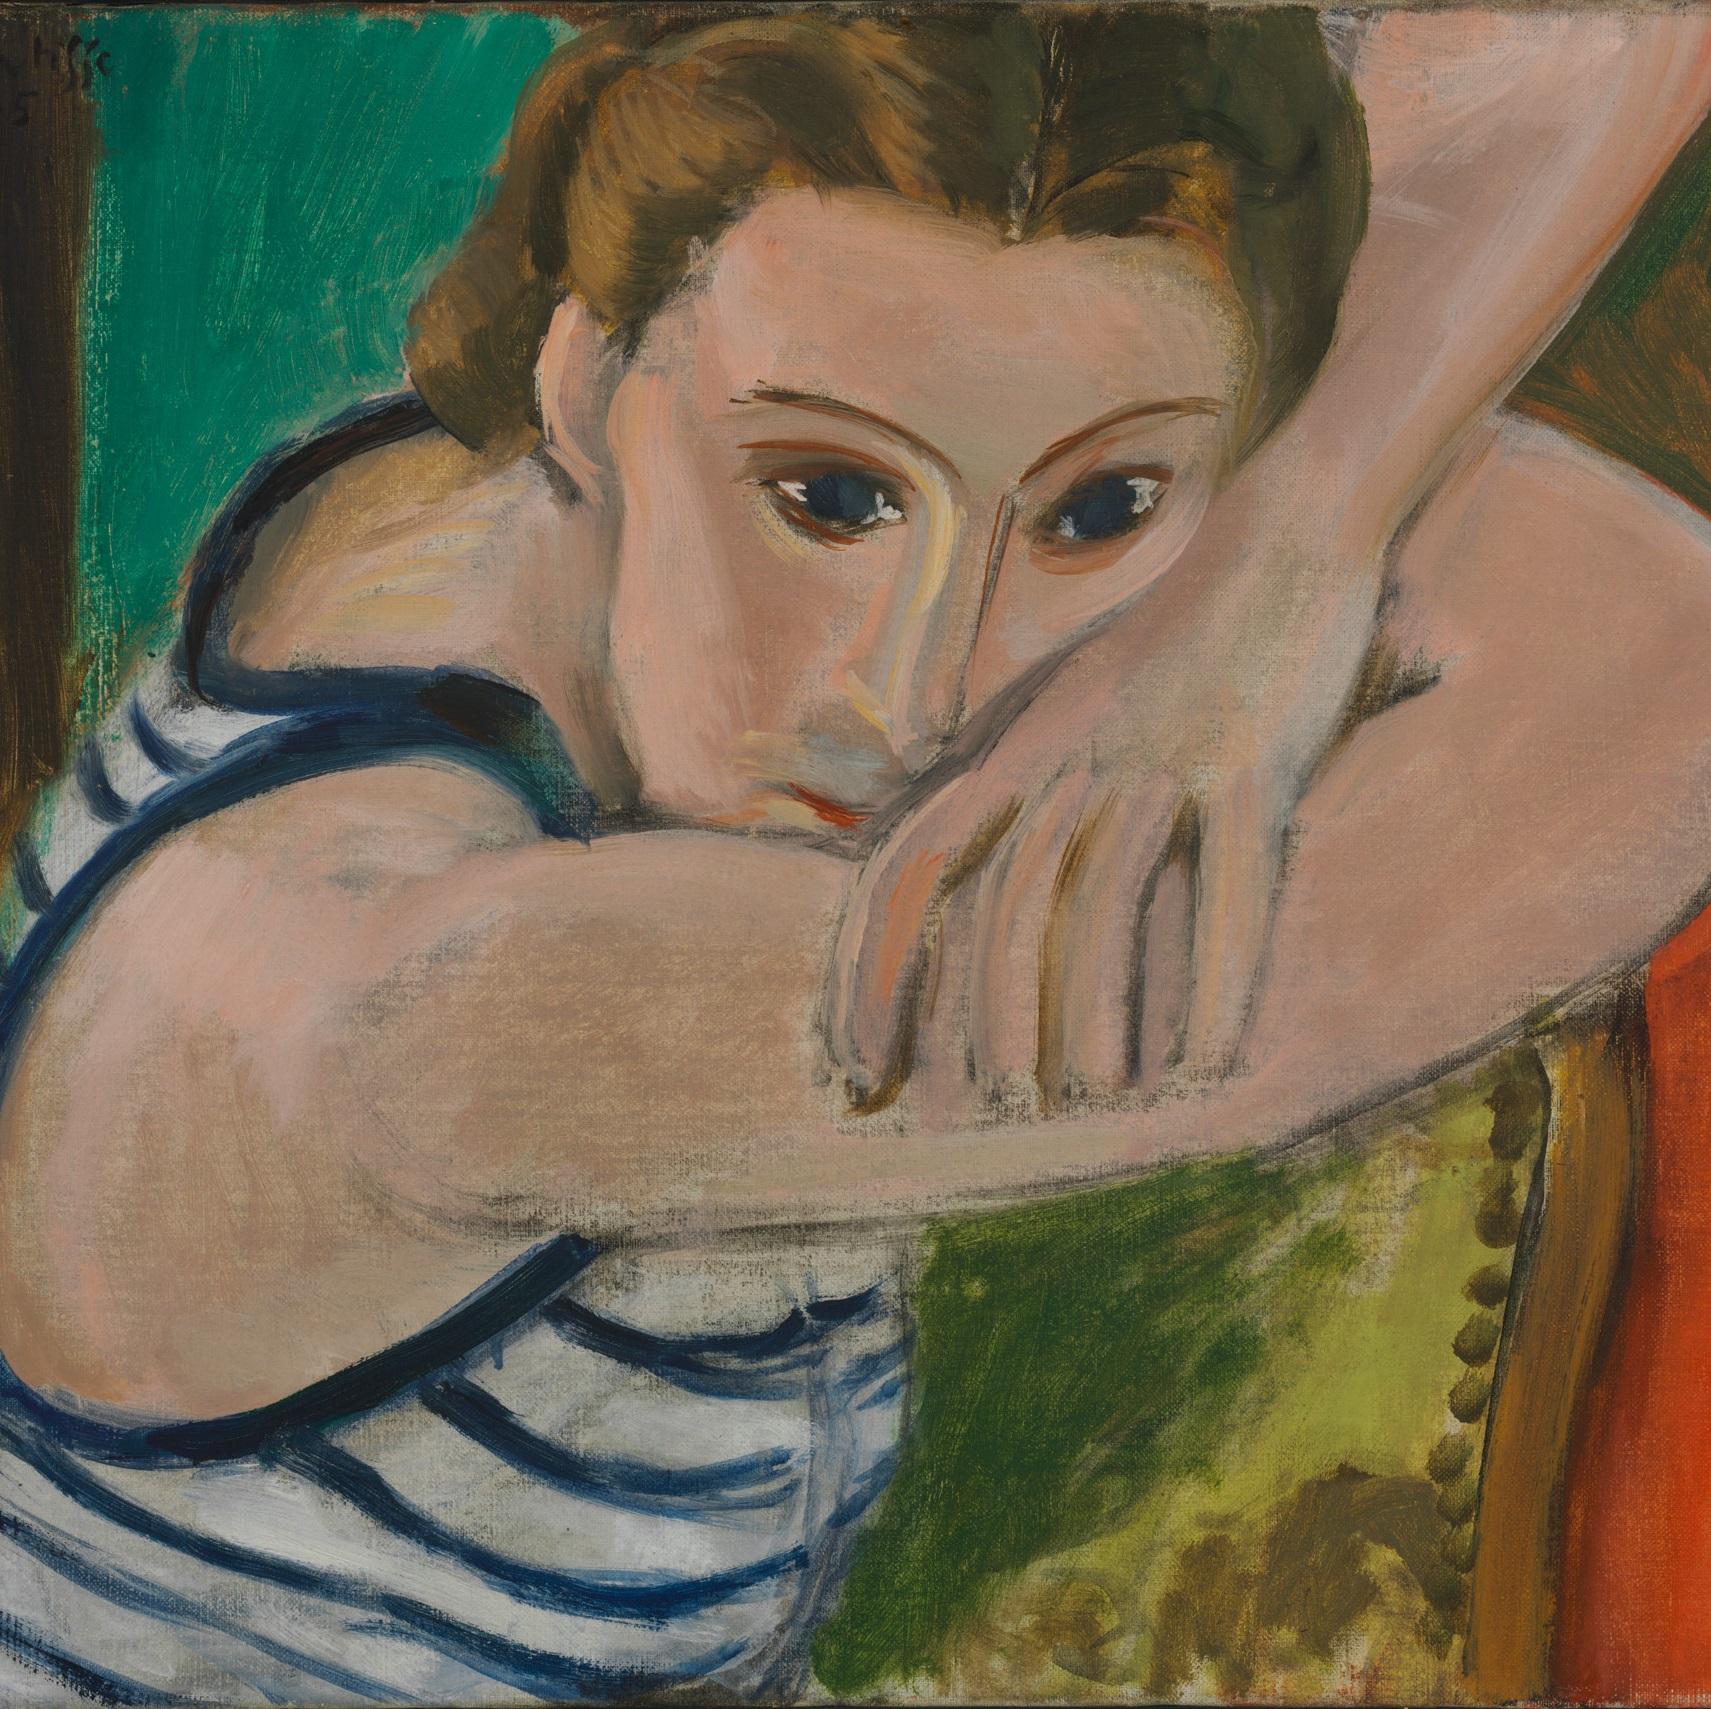 Matisse/Diebenkorn, Klimt's Portraits